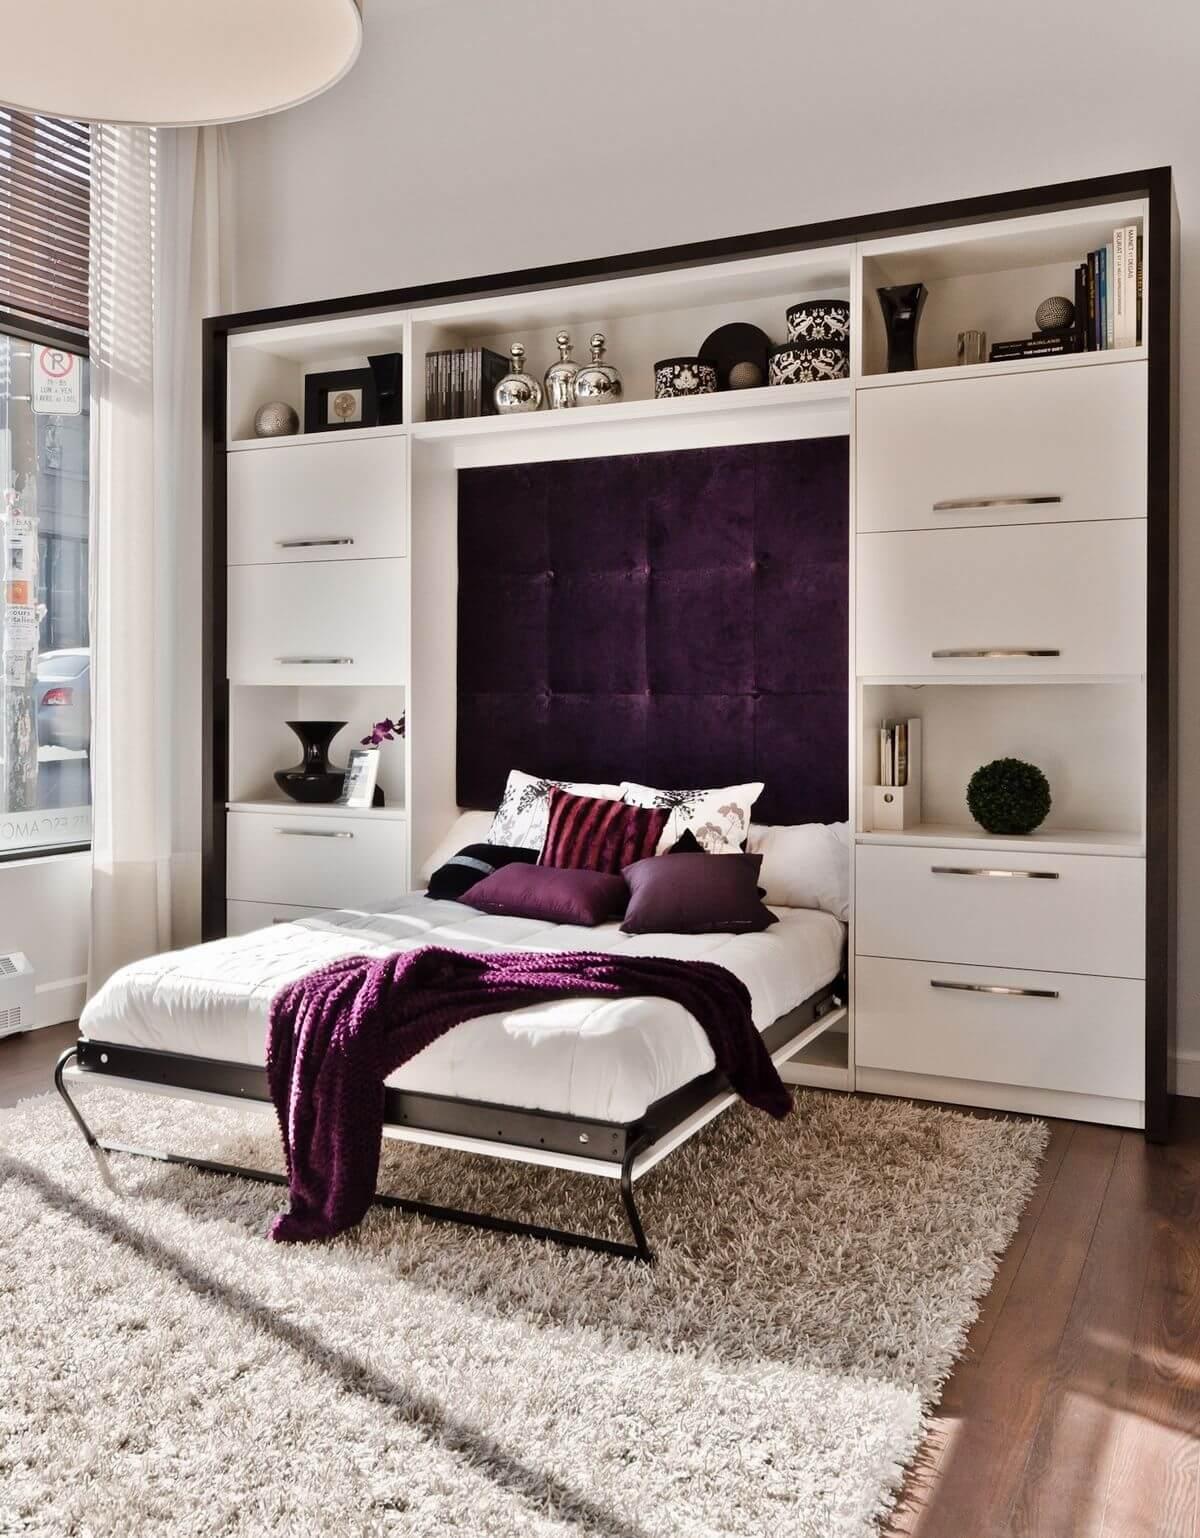 Quarto com cama retrátil super moderno